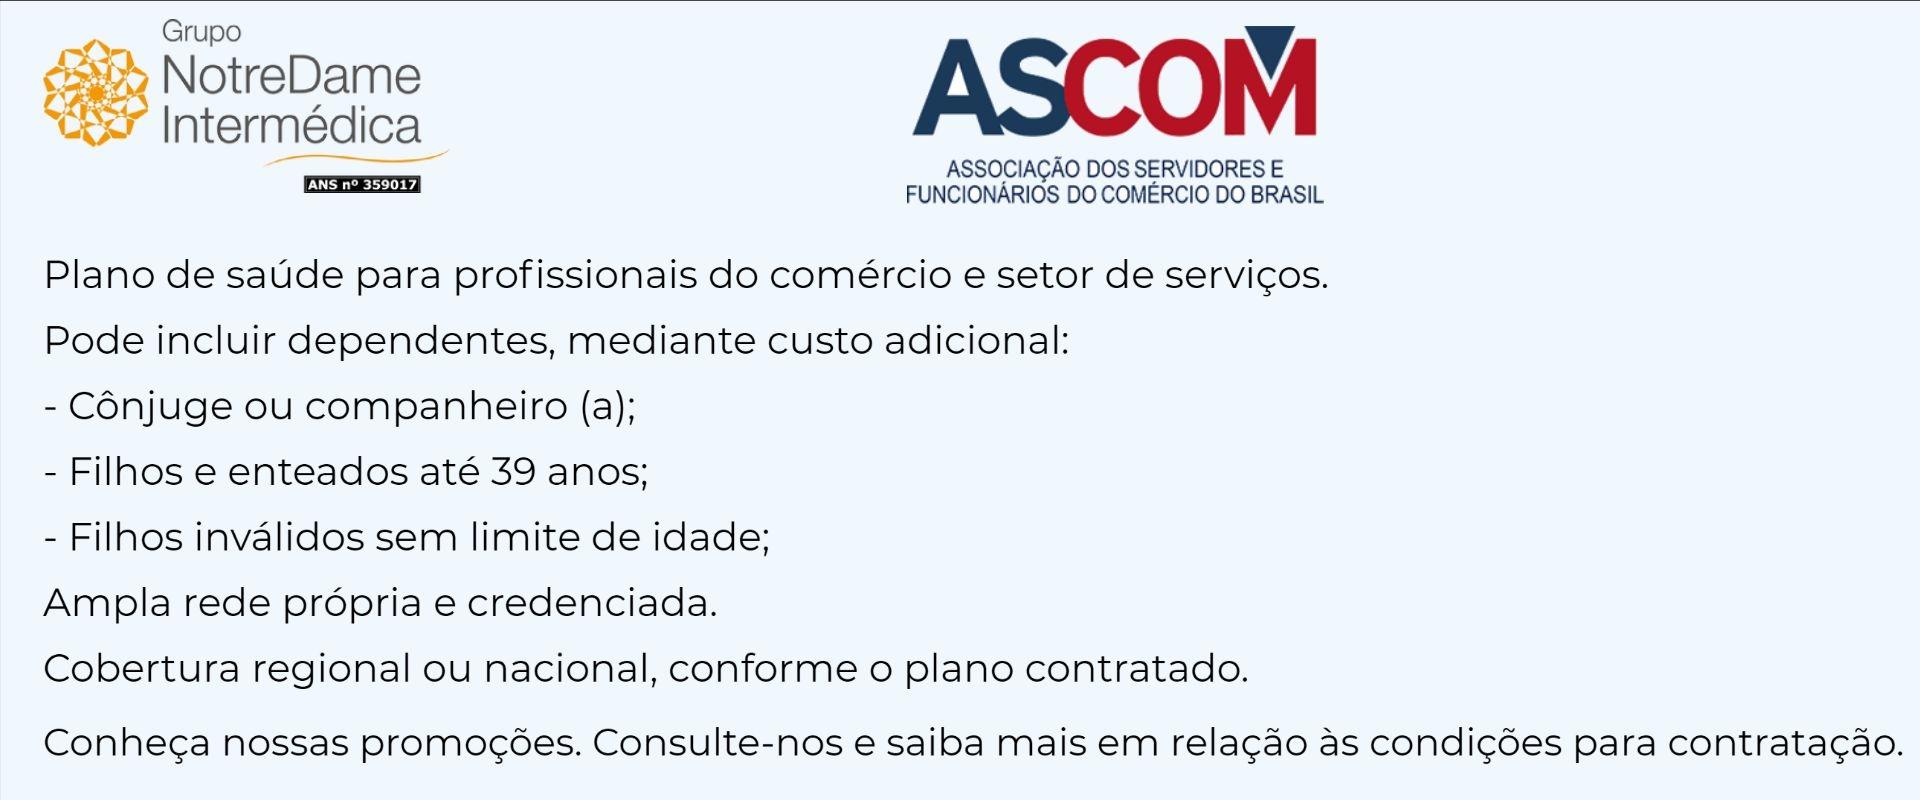 Notredame Intermédica ASCOM-RJ